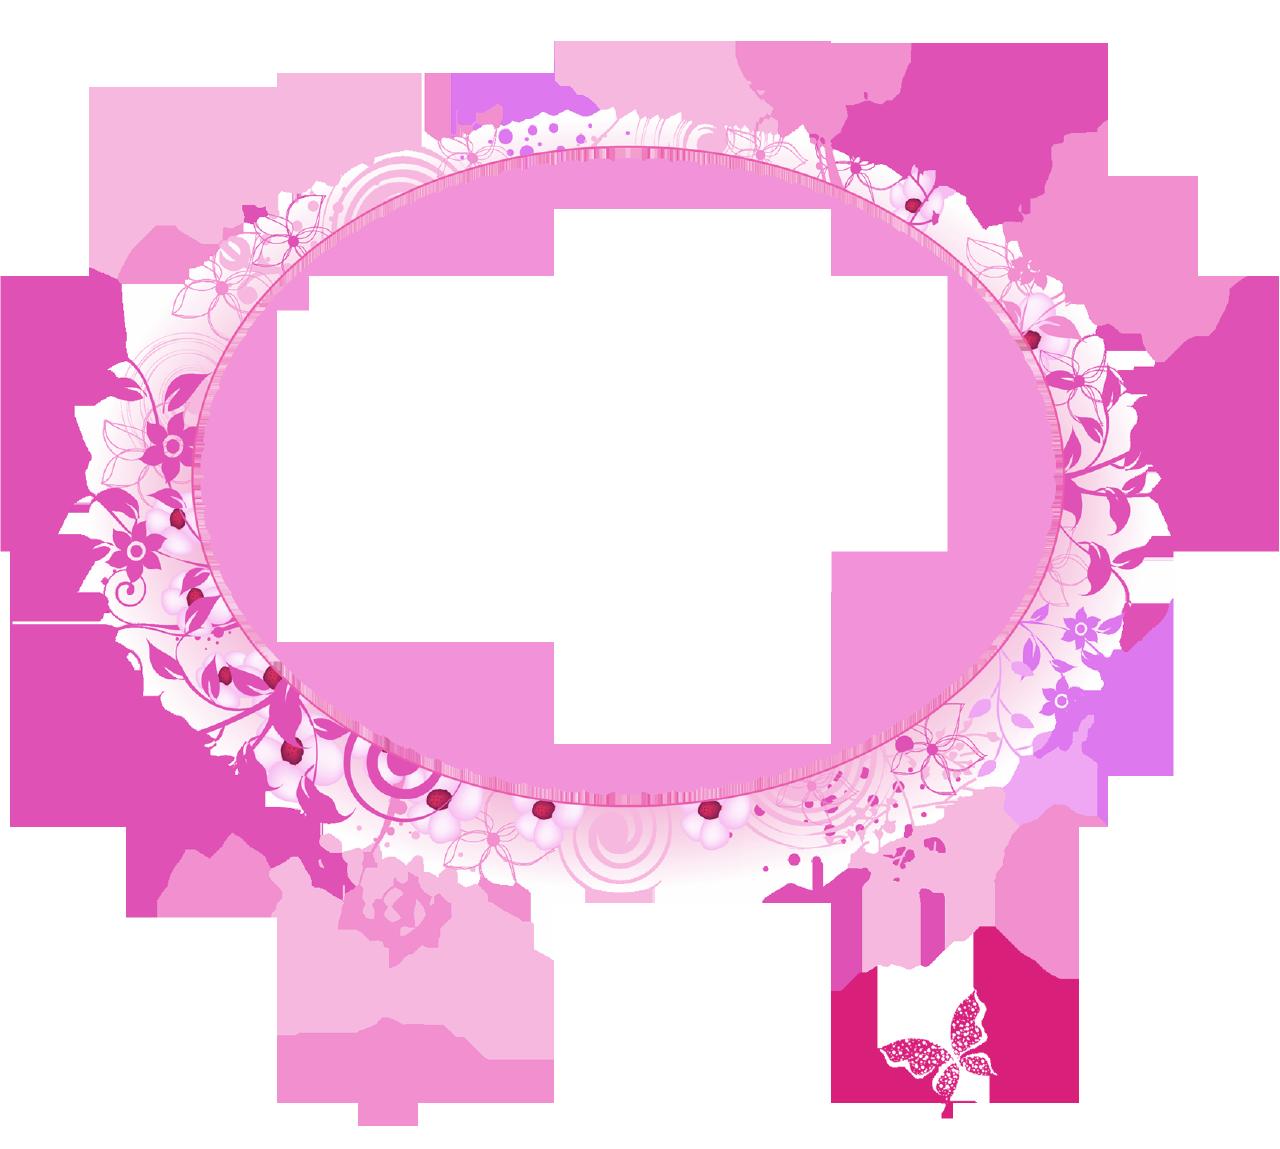 Download PNG image - Pink Flower Frame Transparent Image 280